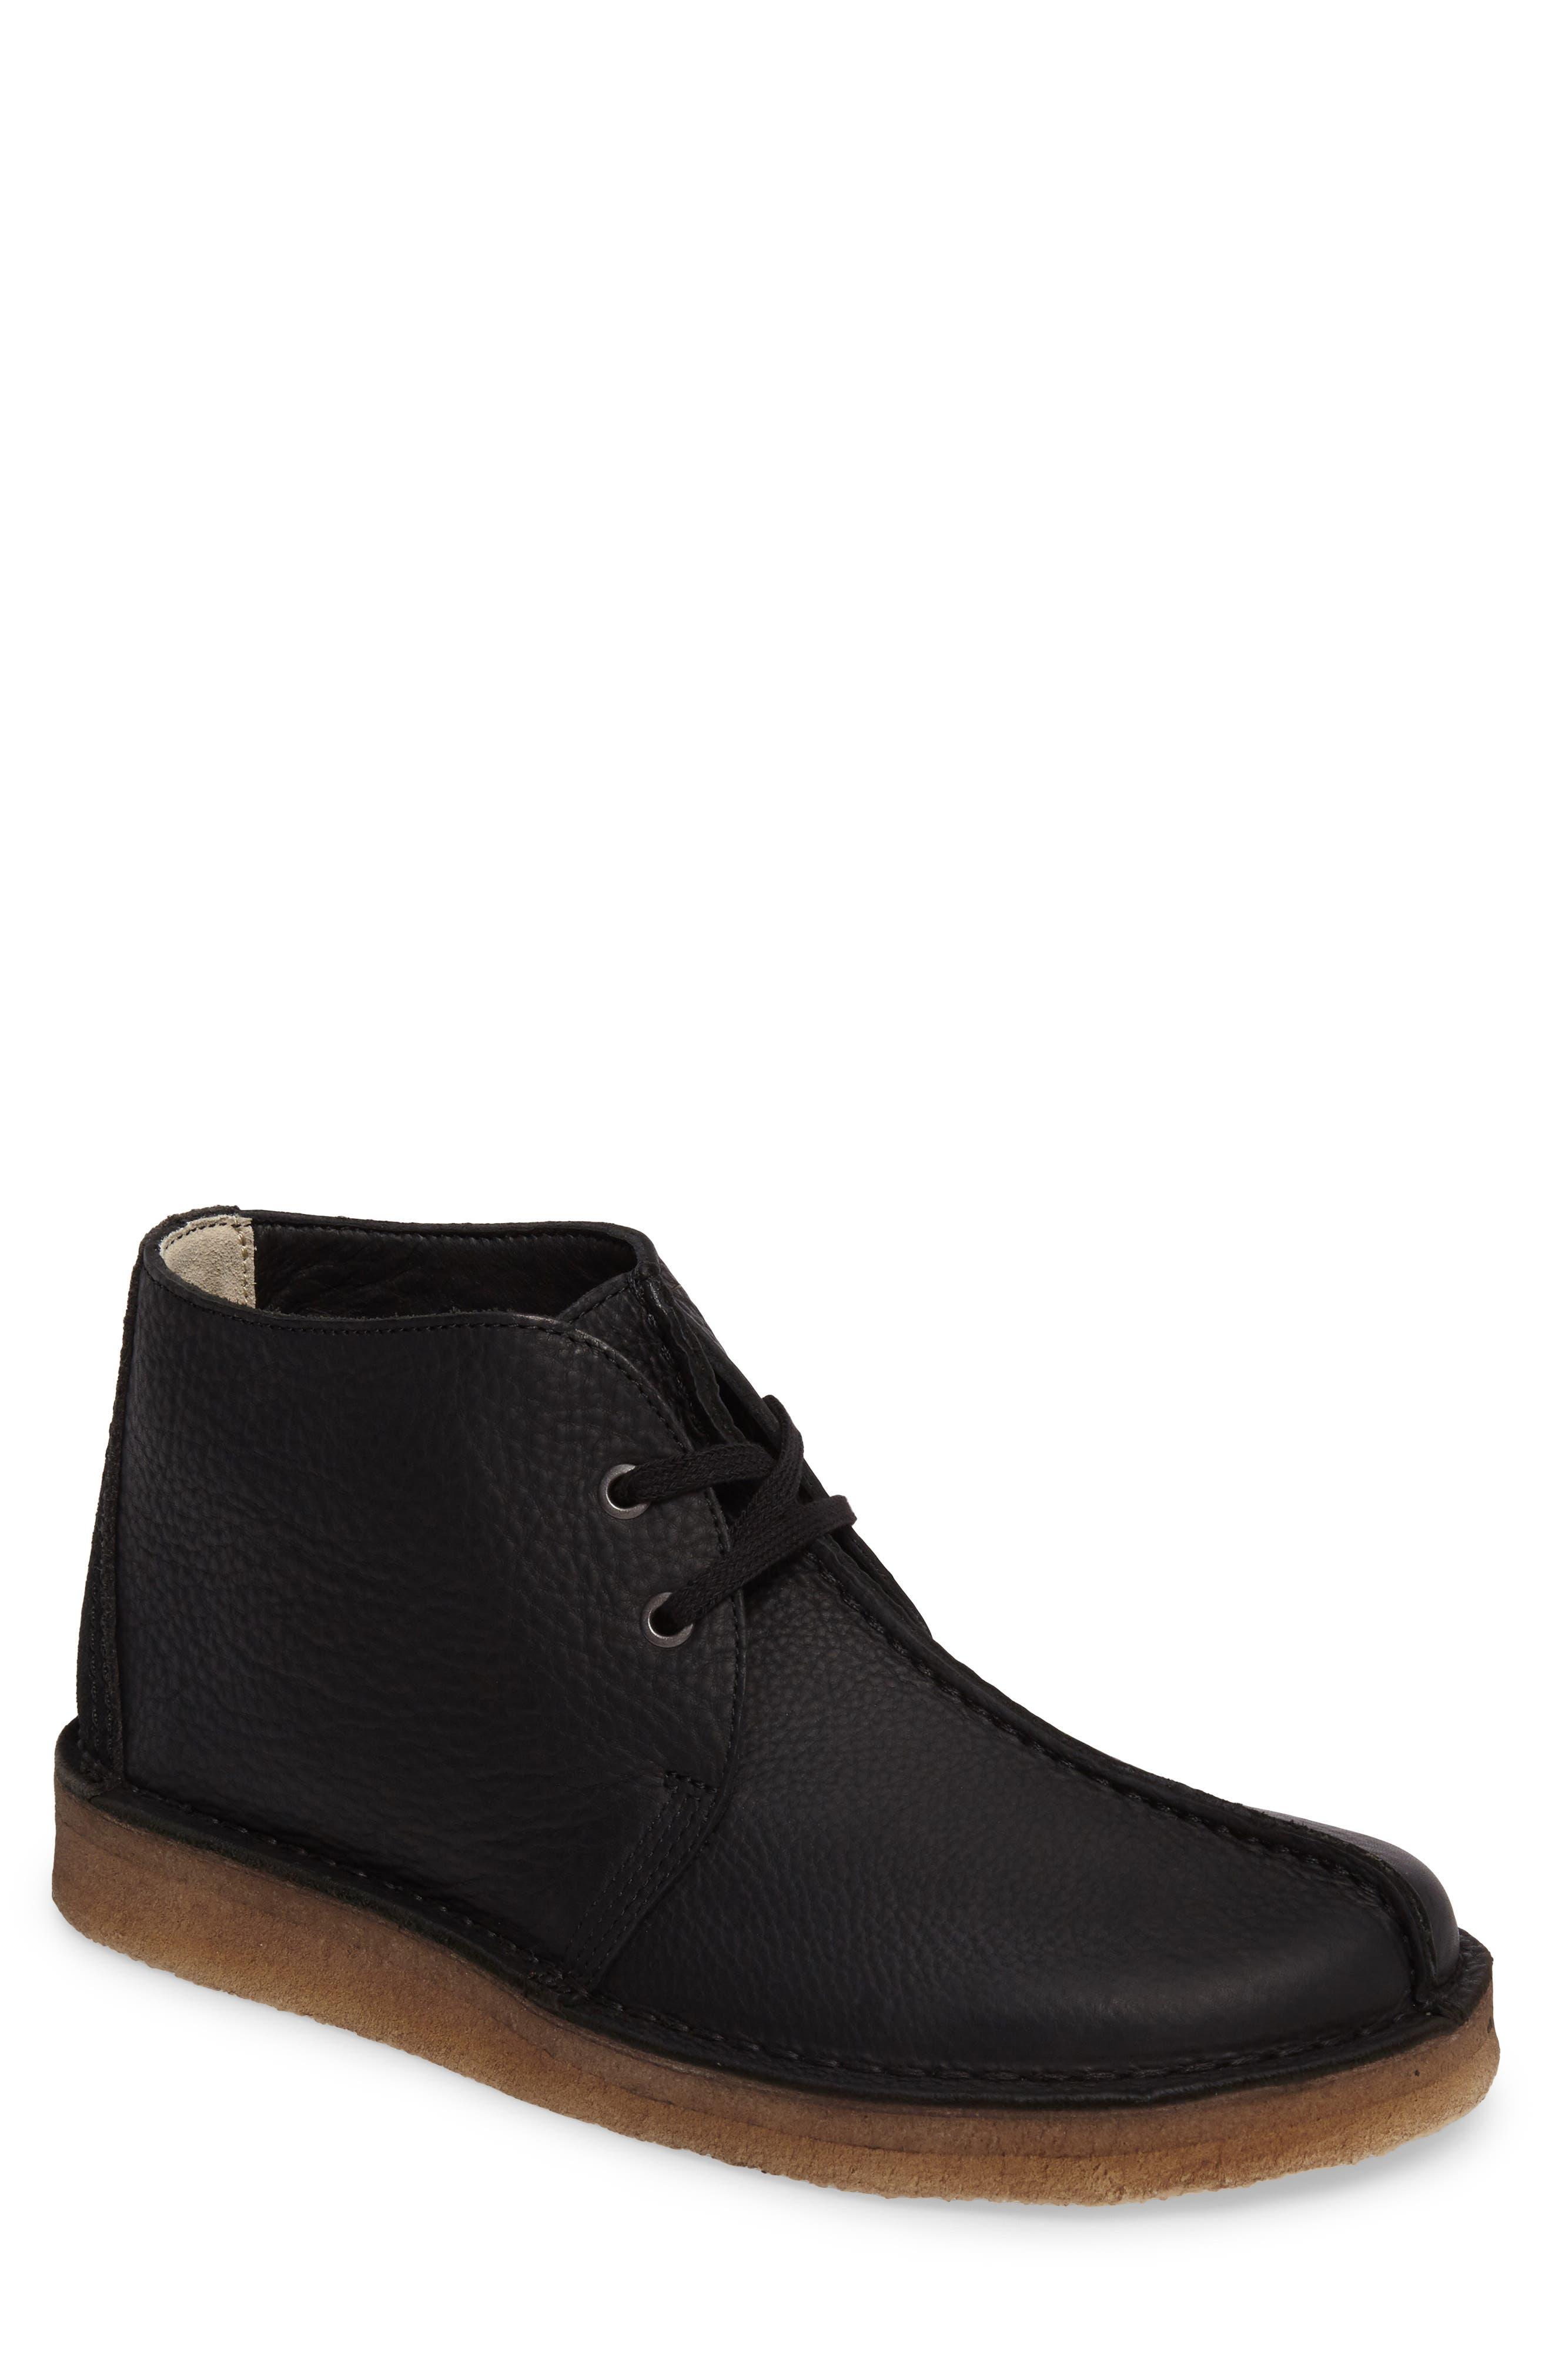 Clarks Desert Trek Leather Boot,                             Main thumbnail 1, color,                             Black Leather